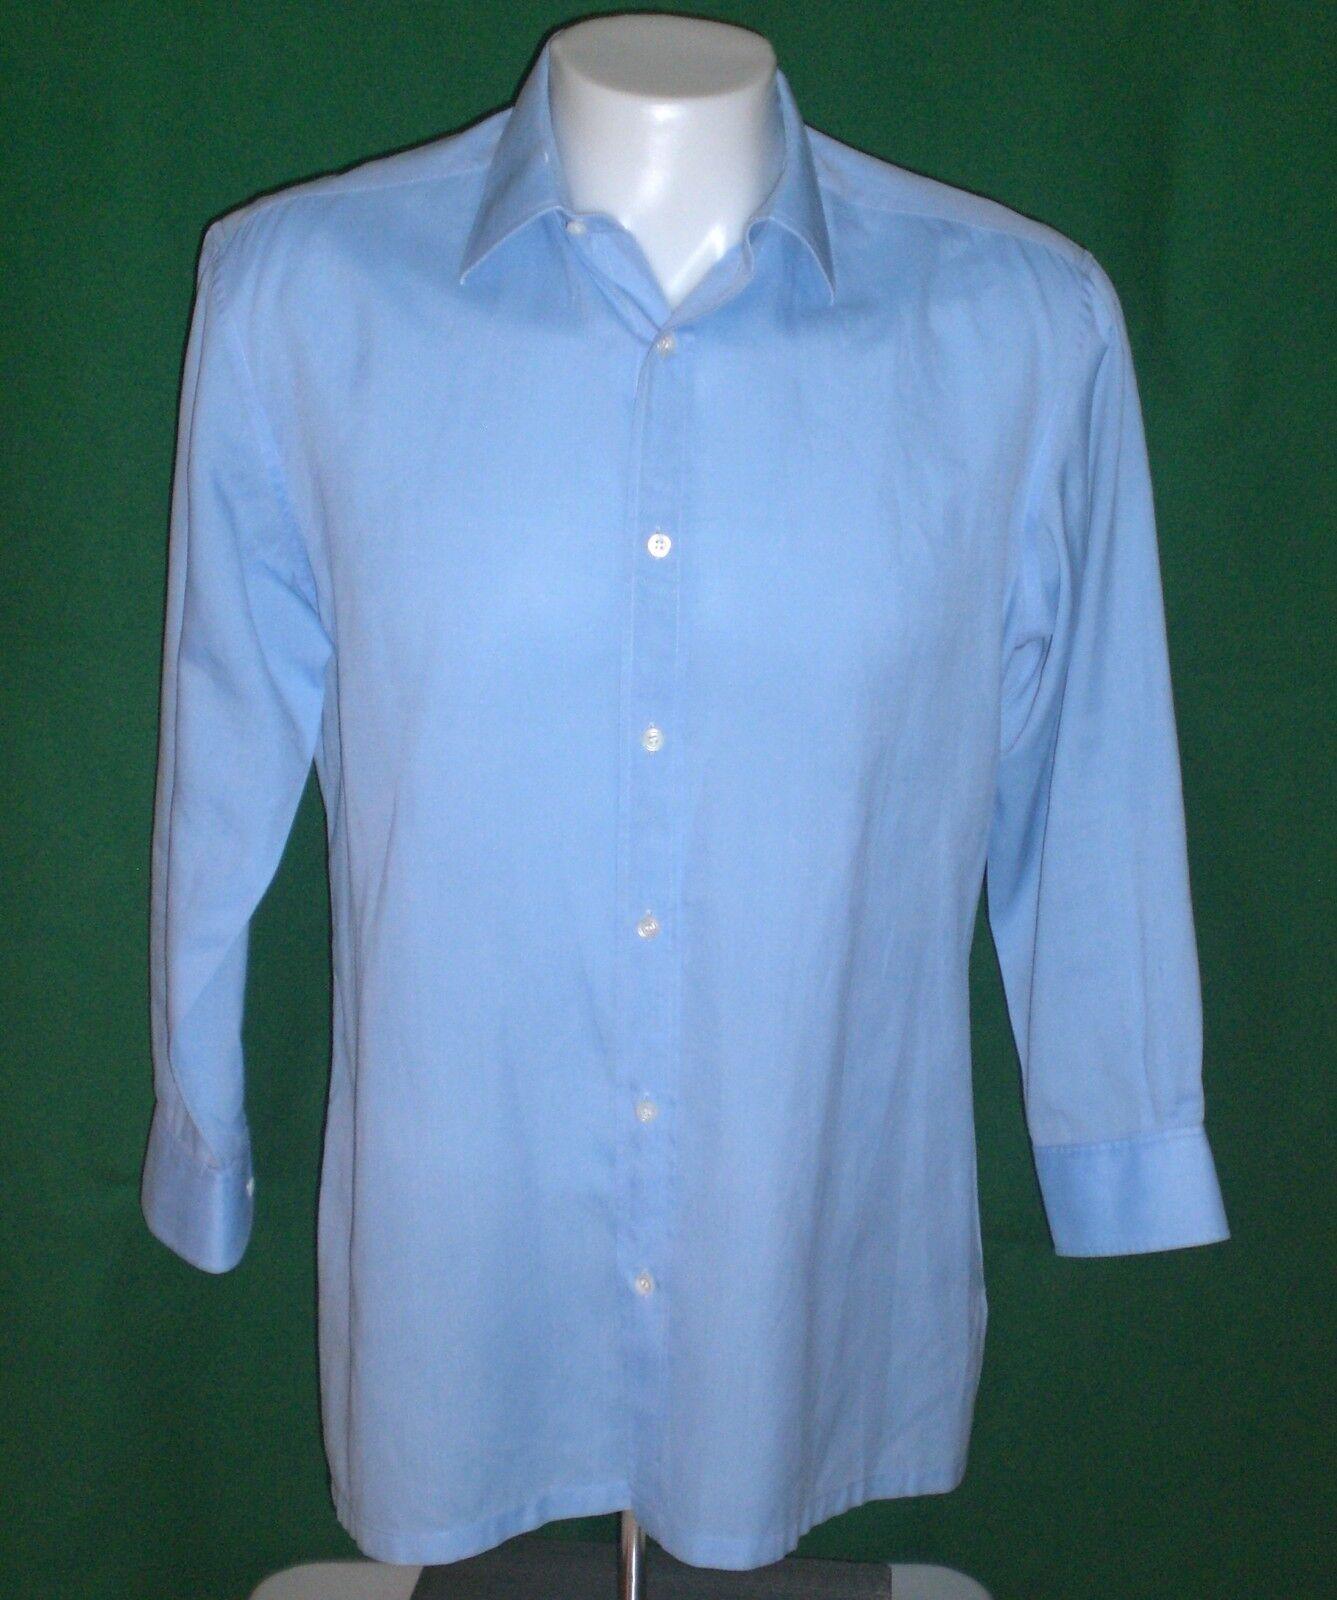 Charvet Place Vendome Paris Dress Shirt Solid bluee FRANCE Mens 16 31 32